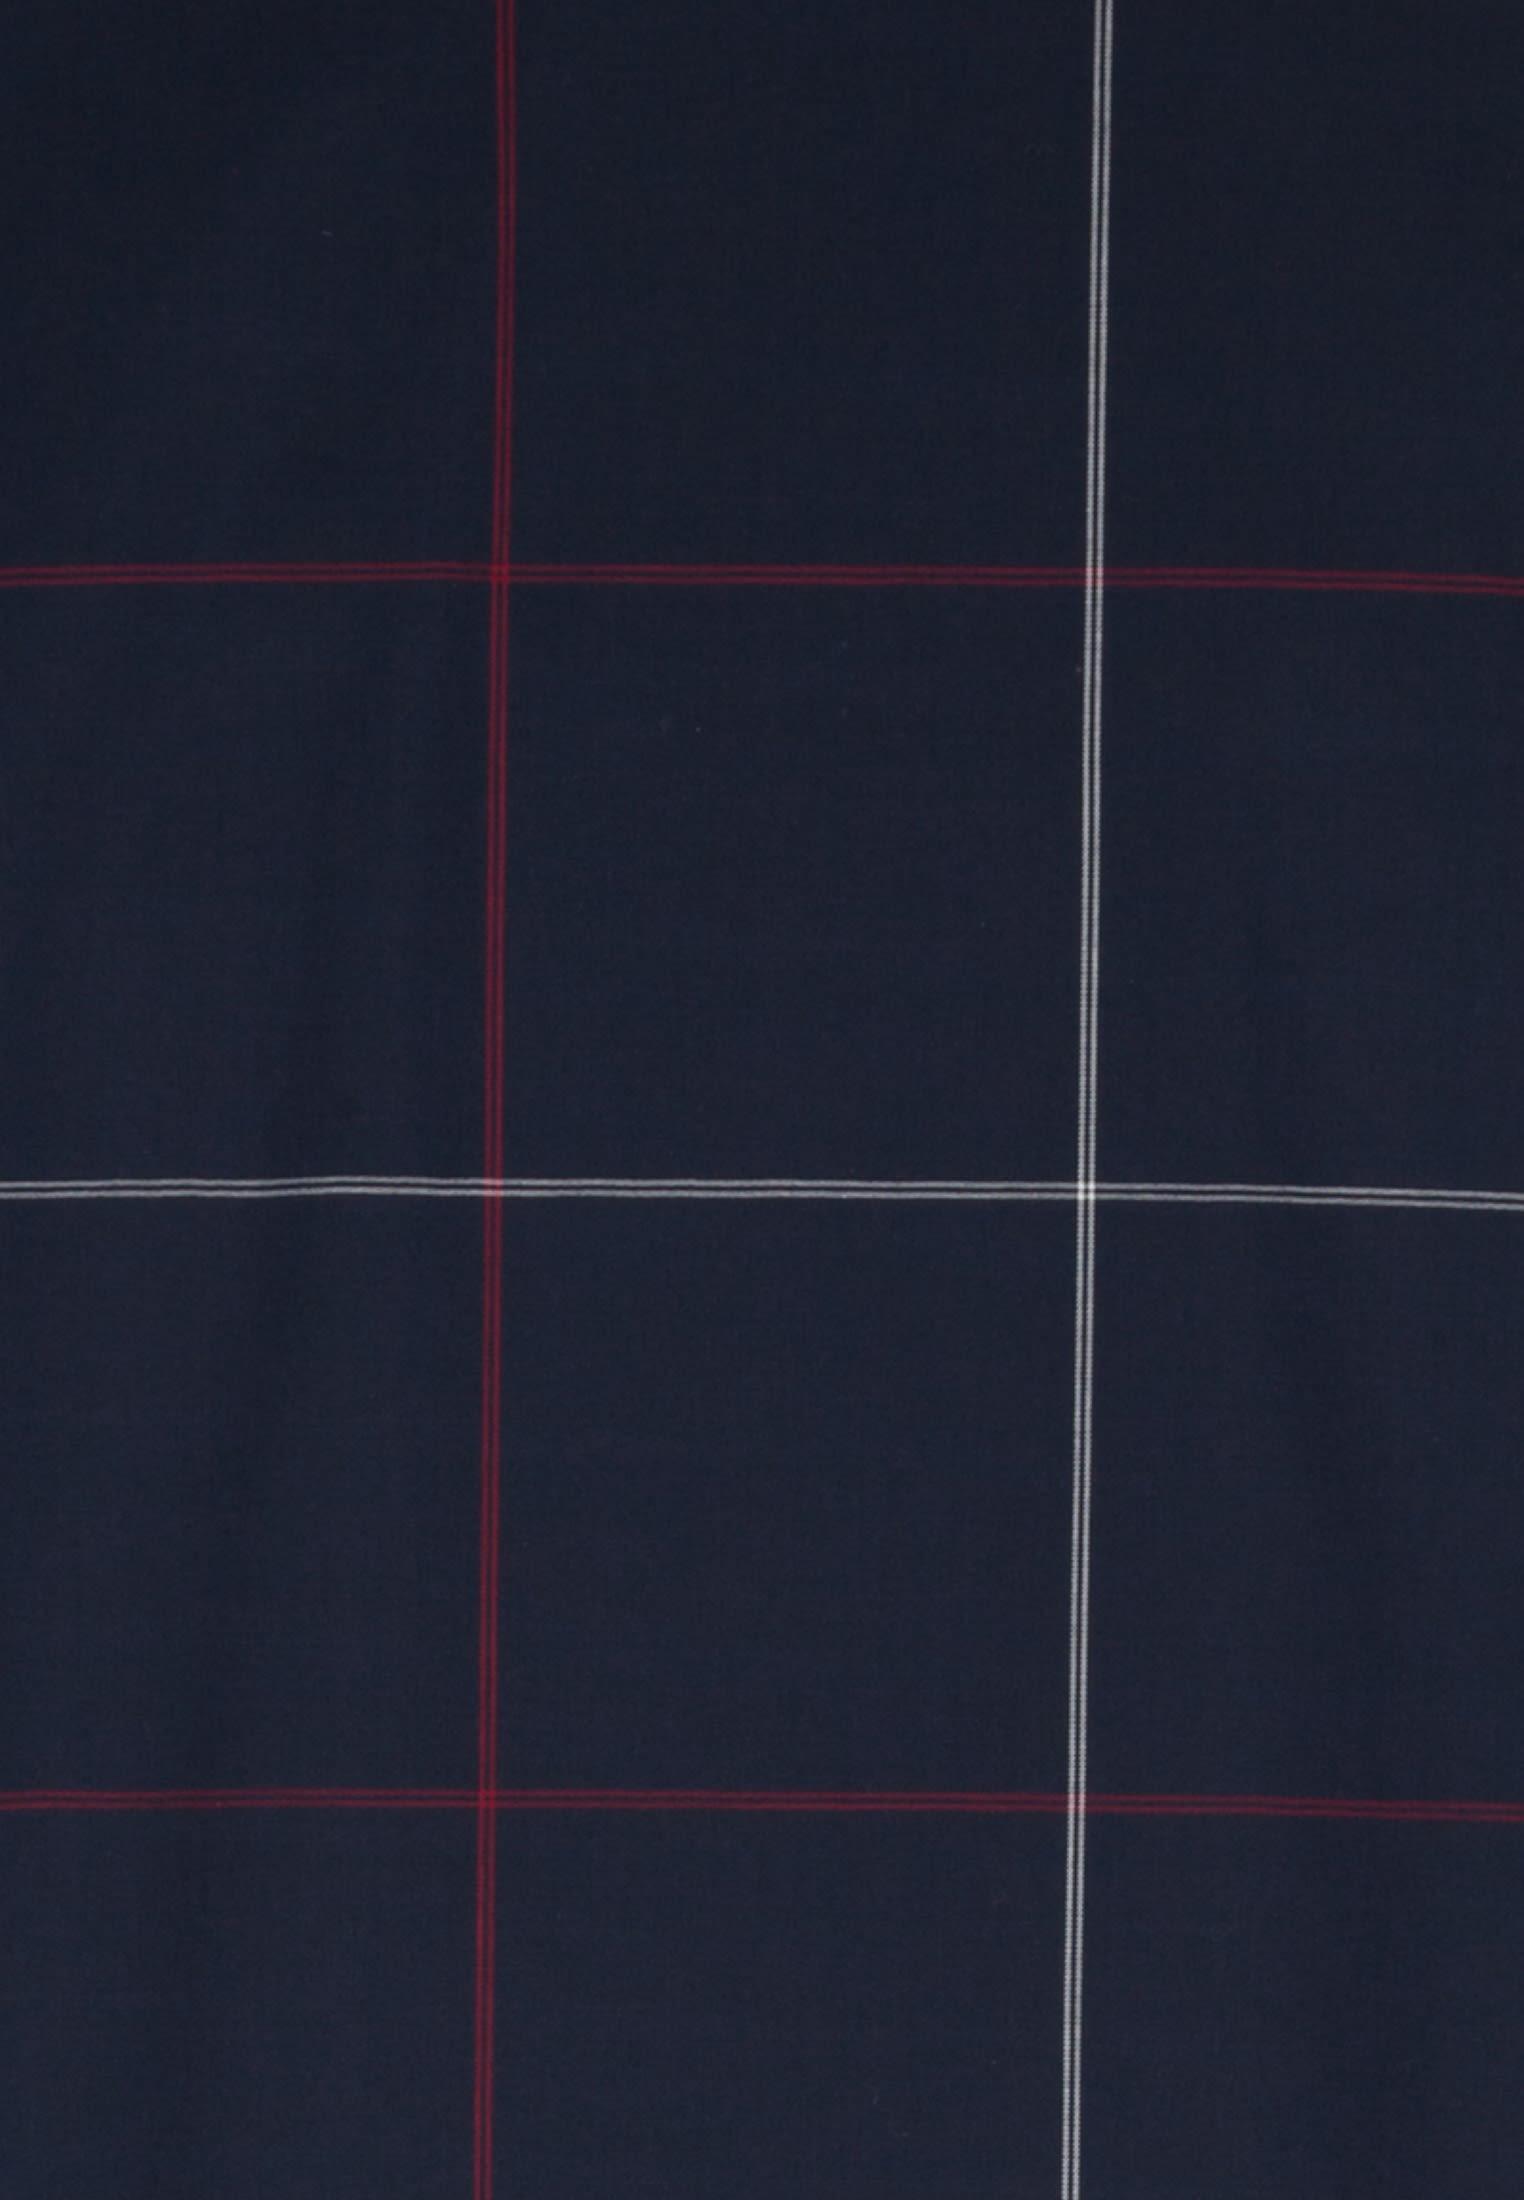 Bügelfreies Popeline Kurzarm Business Hemd in Regular mit Covered-Button-Down-Kragen in Rot |  Seidensticker Onlineshop